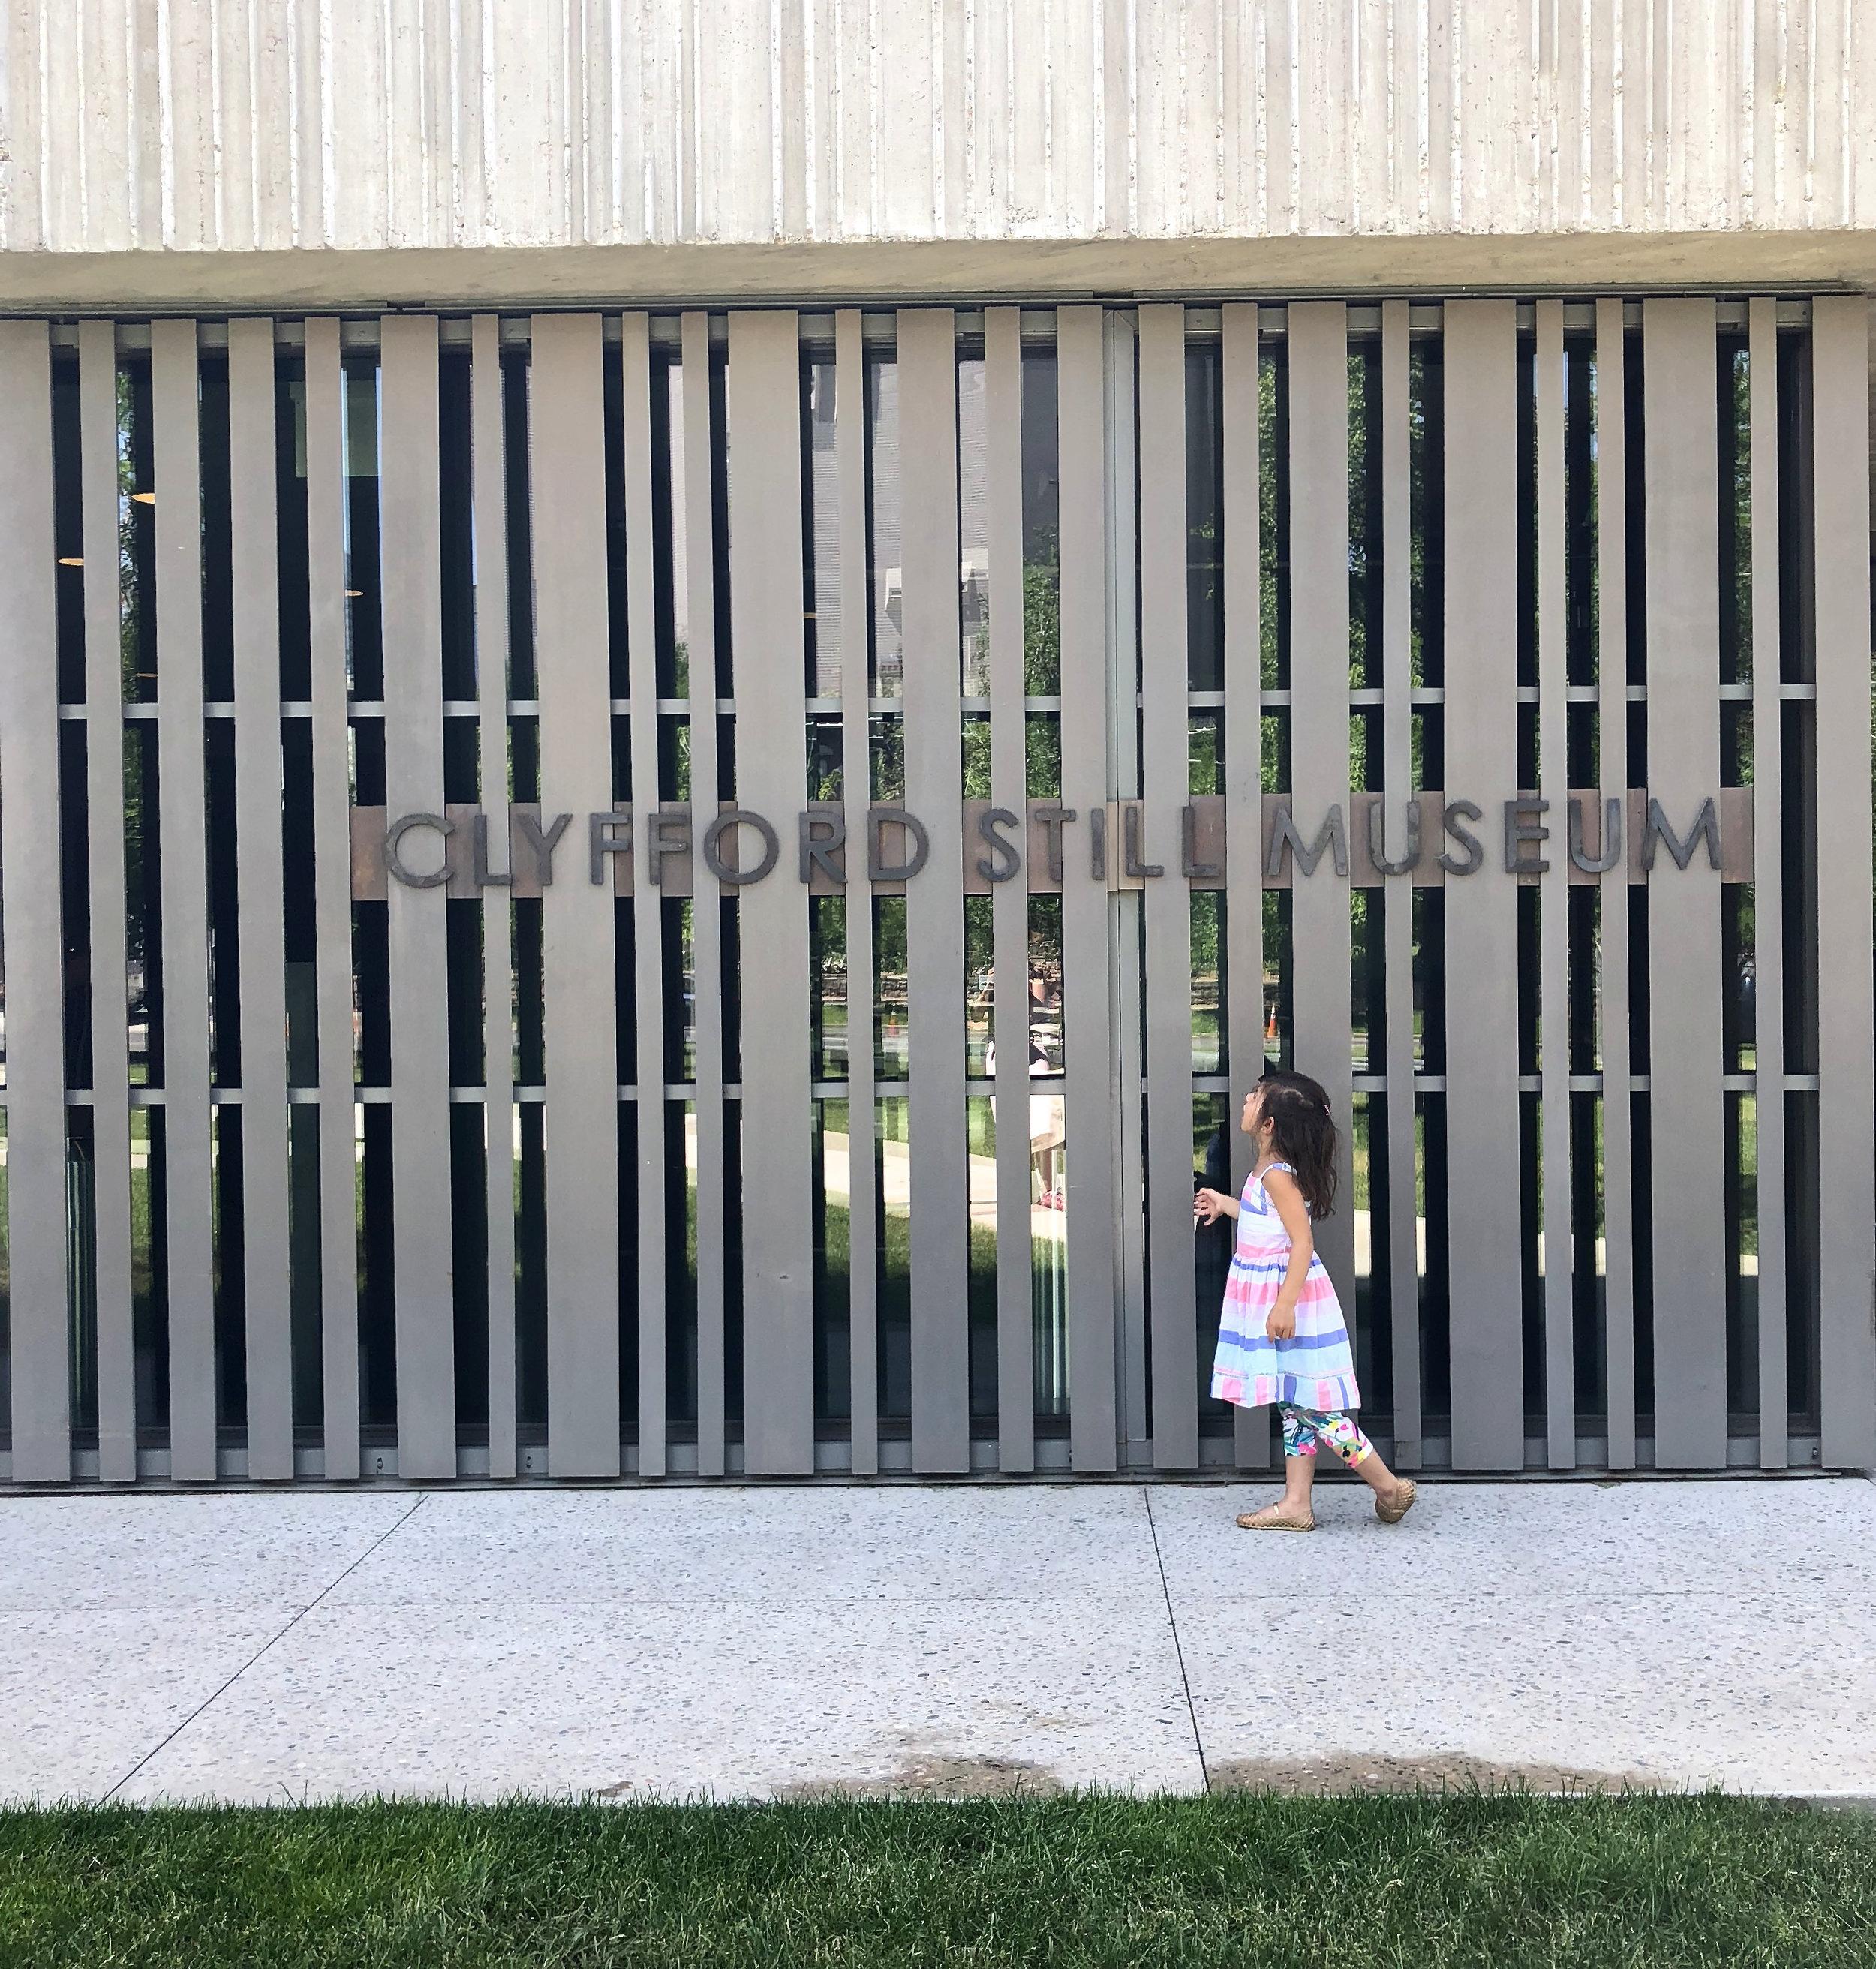 Clyfford Still Museum June 2018 3.jpg